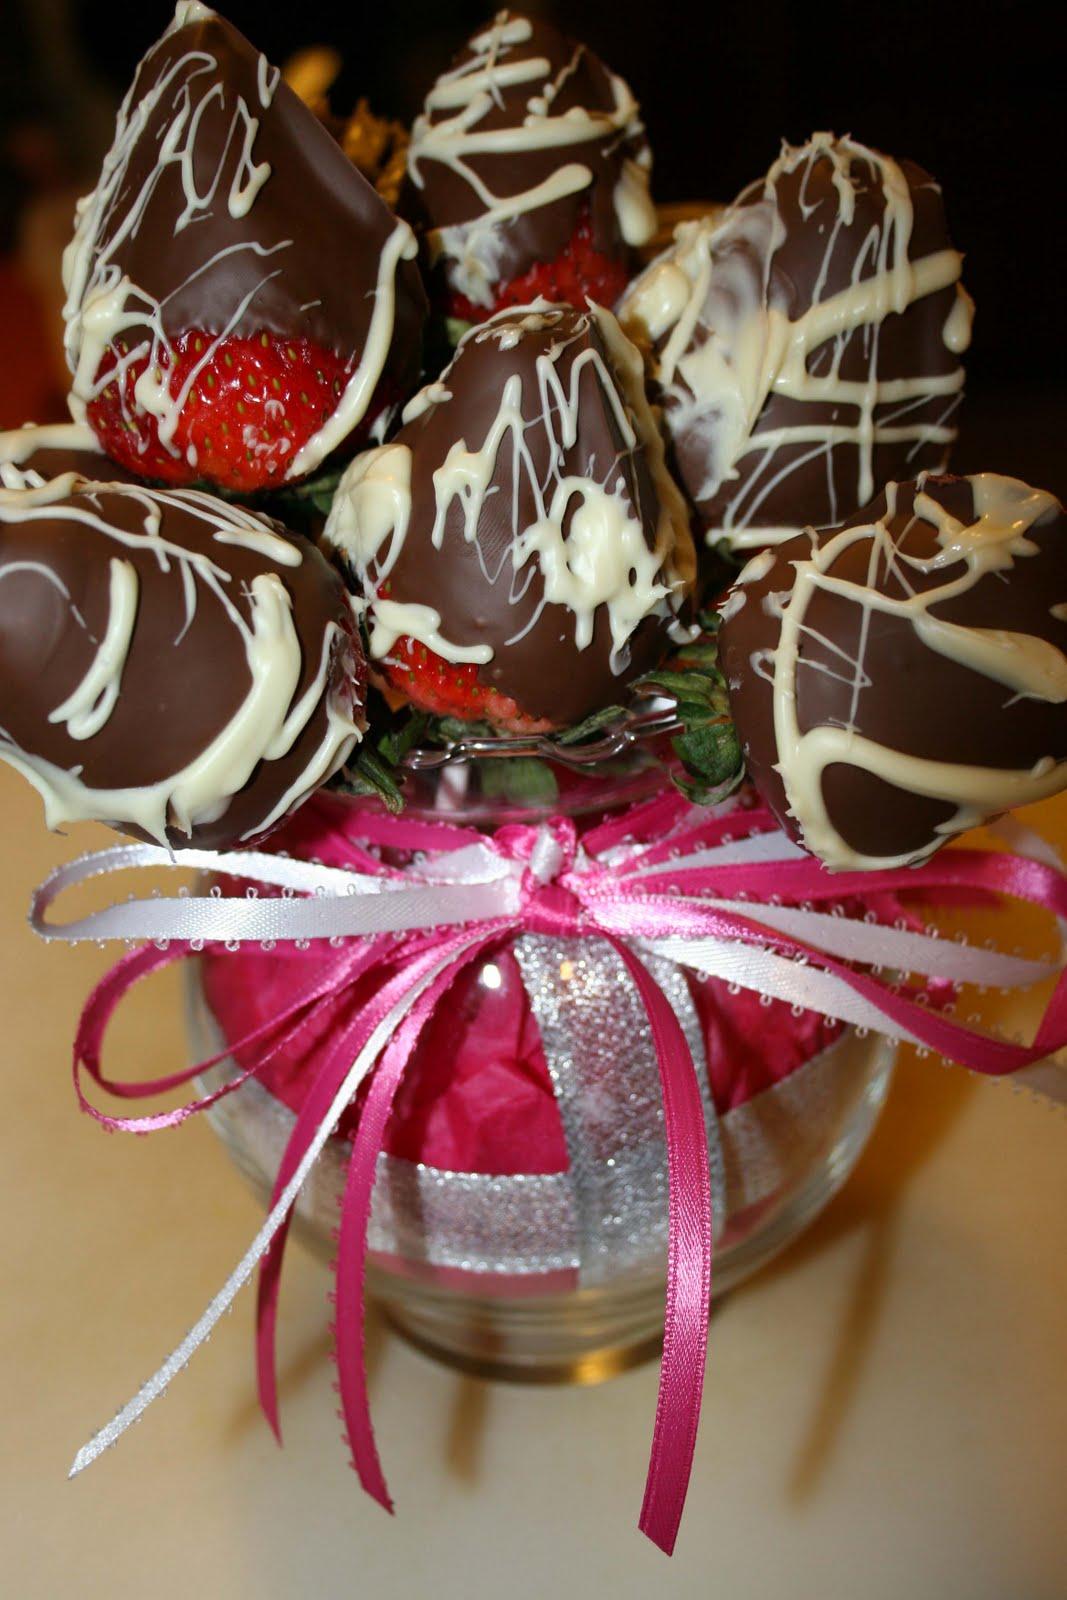 csokiba martott eper csokor 2.jpg